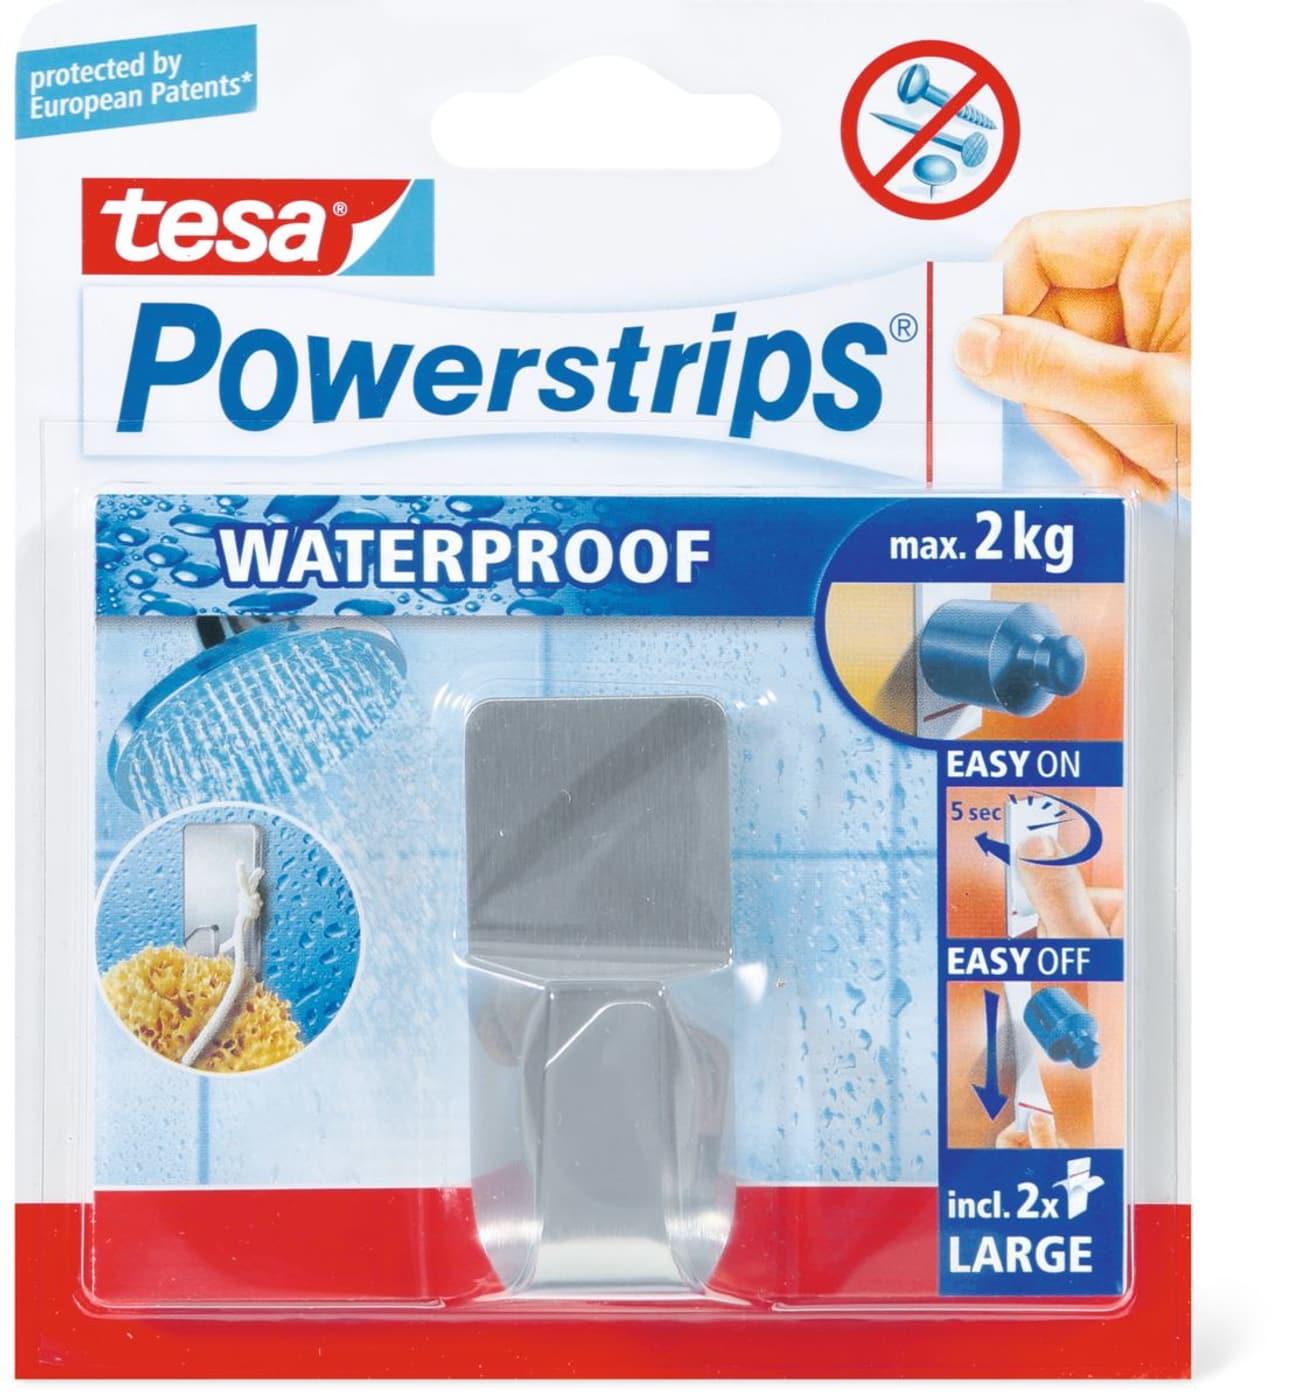 Tesa Powerstrips Waterproof Haken Migros